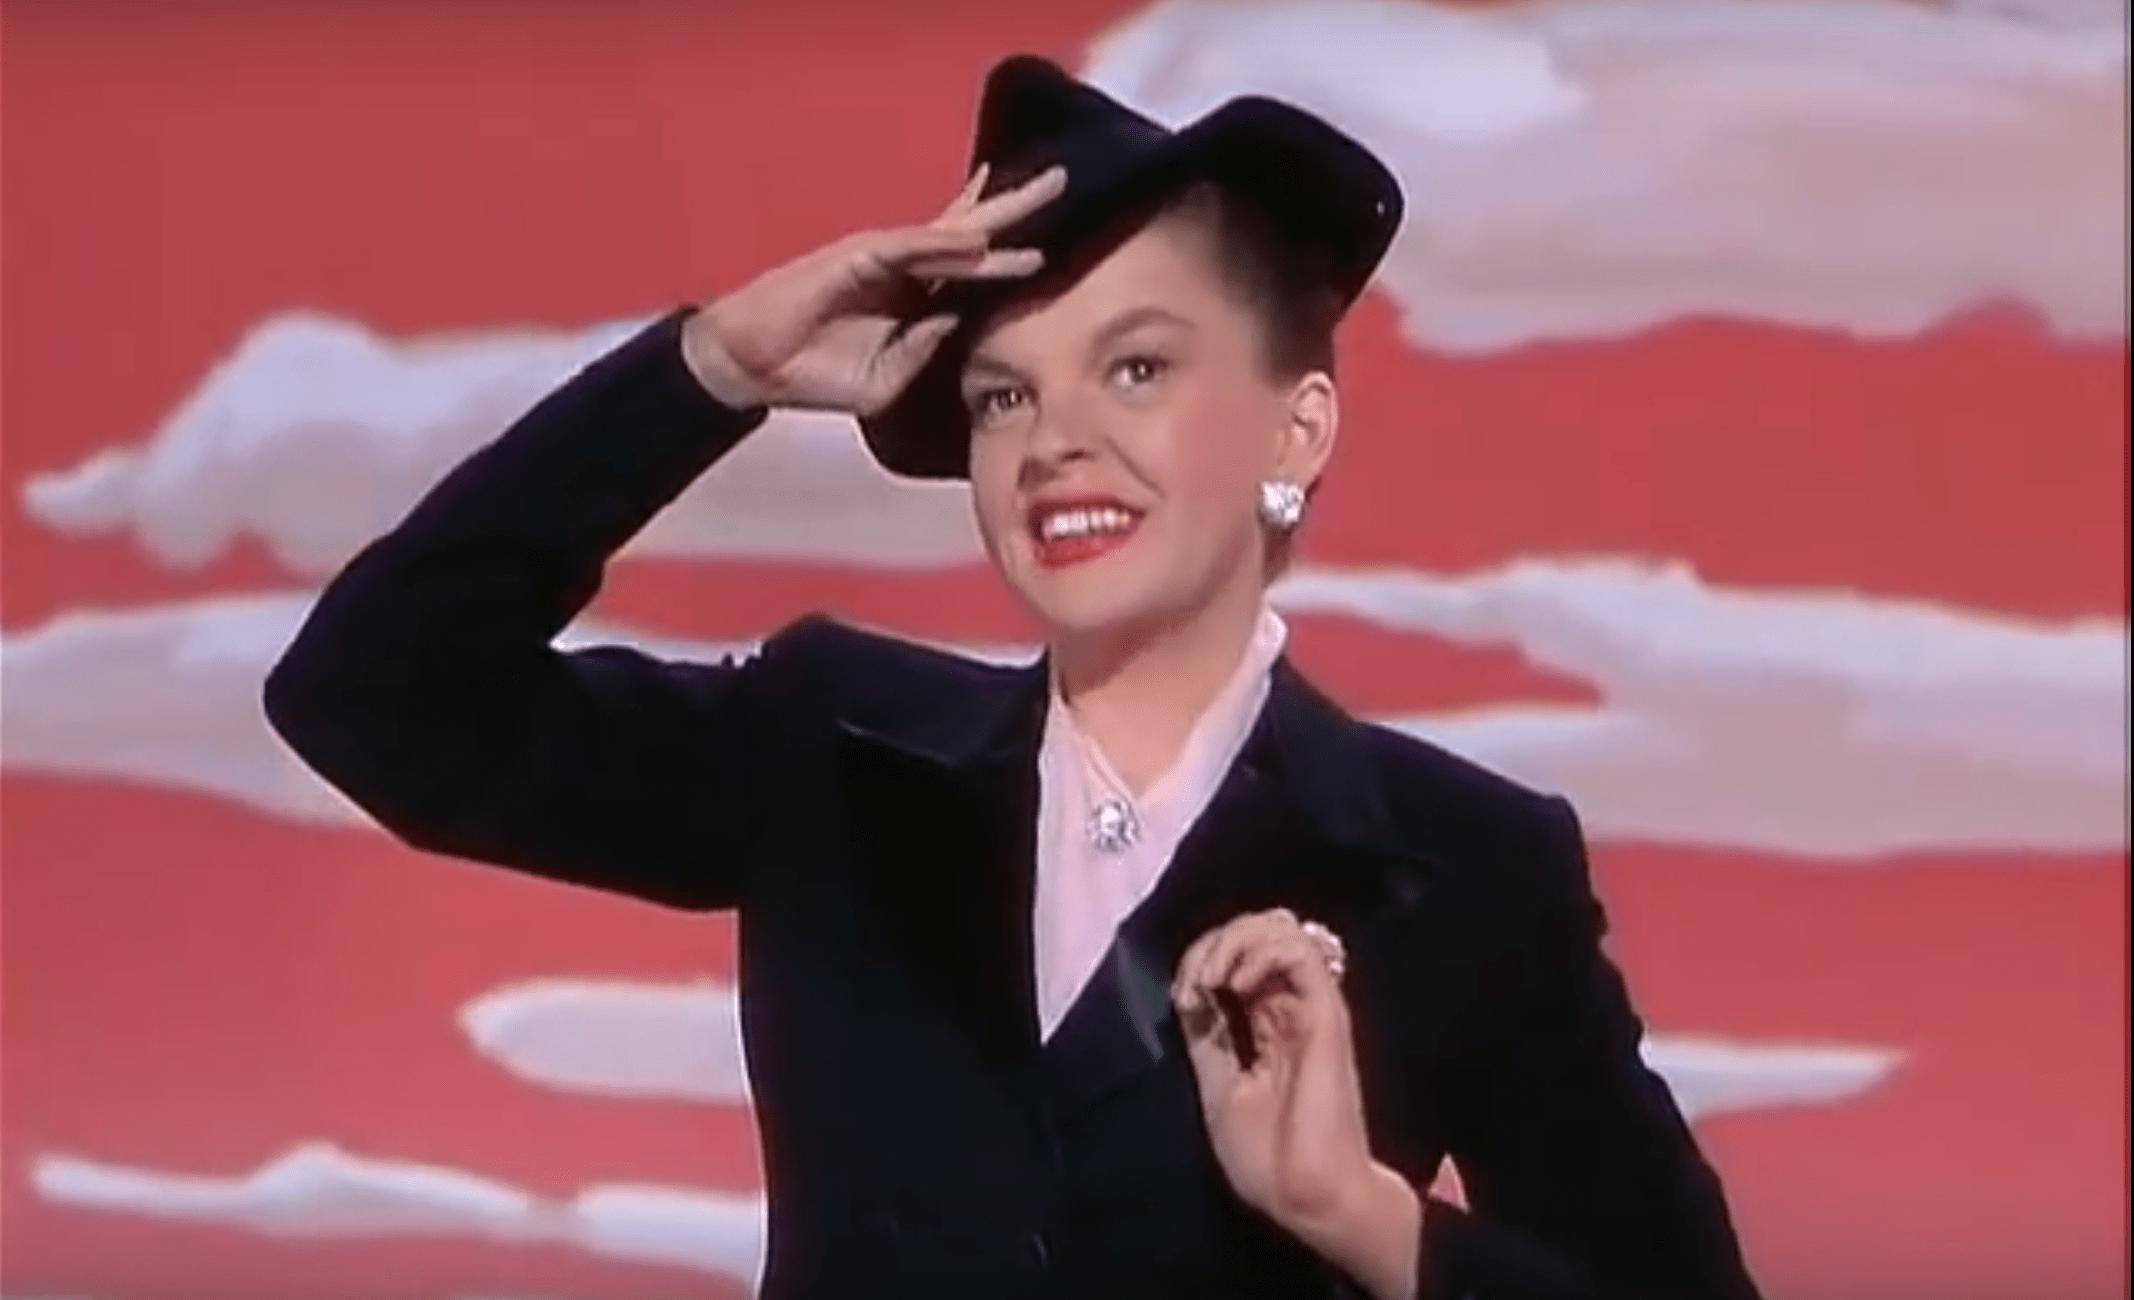 Judy Garland HD Wallpapers 7wallpapersnet 2134x1300